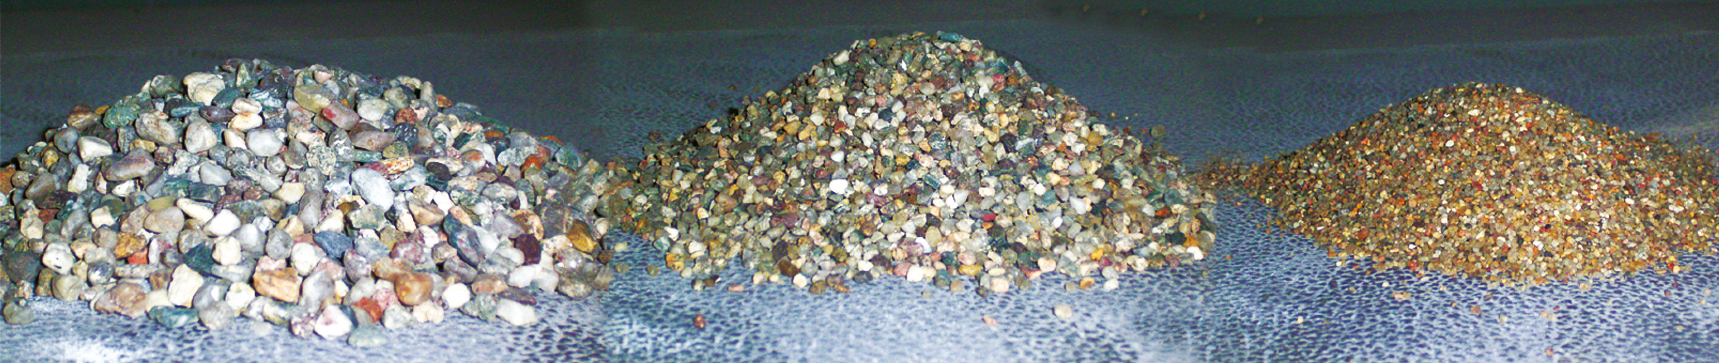 hochfeste Quarzsande als Hauptbestandteil von Mineralit